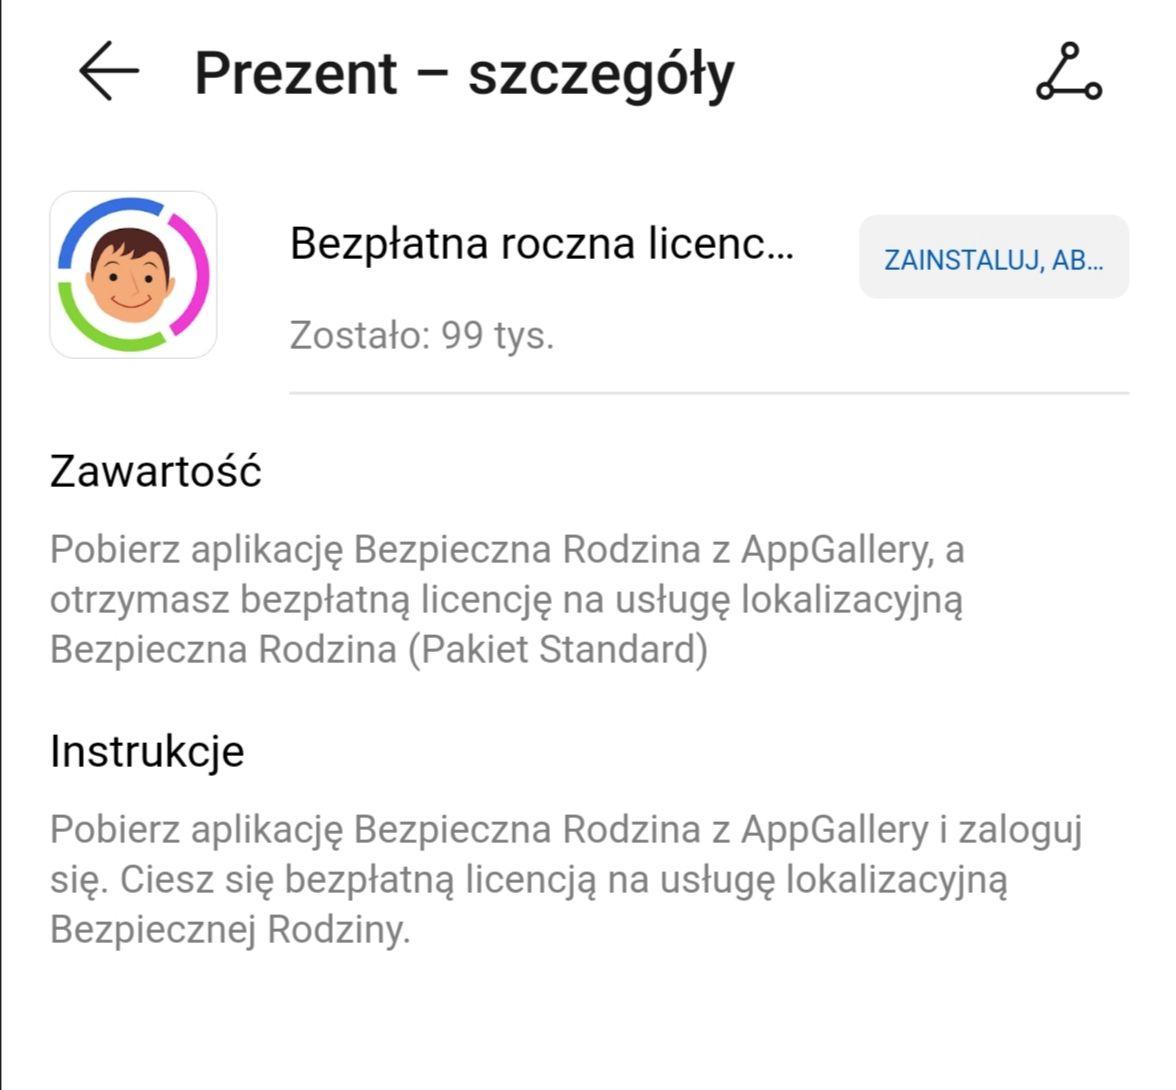 Roczna licencja na aplikacje Bezpieczna Rodzina. Huawei